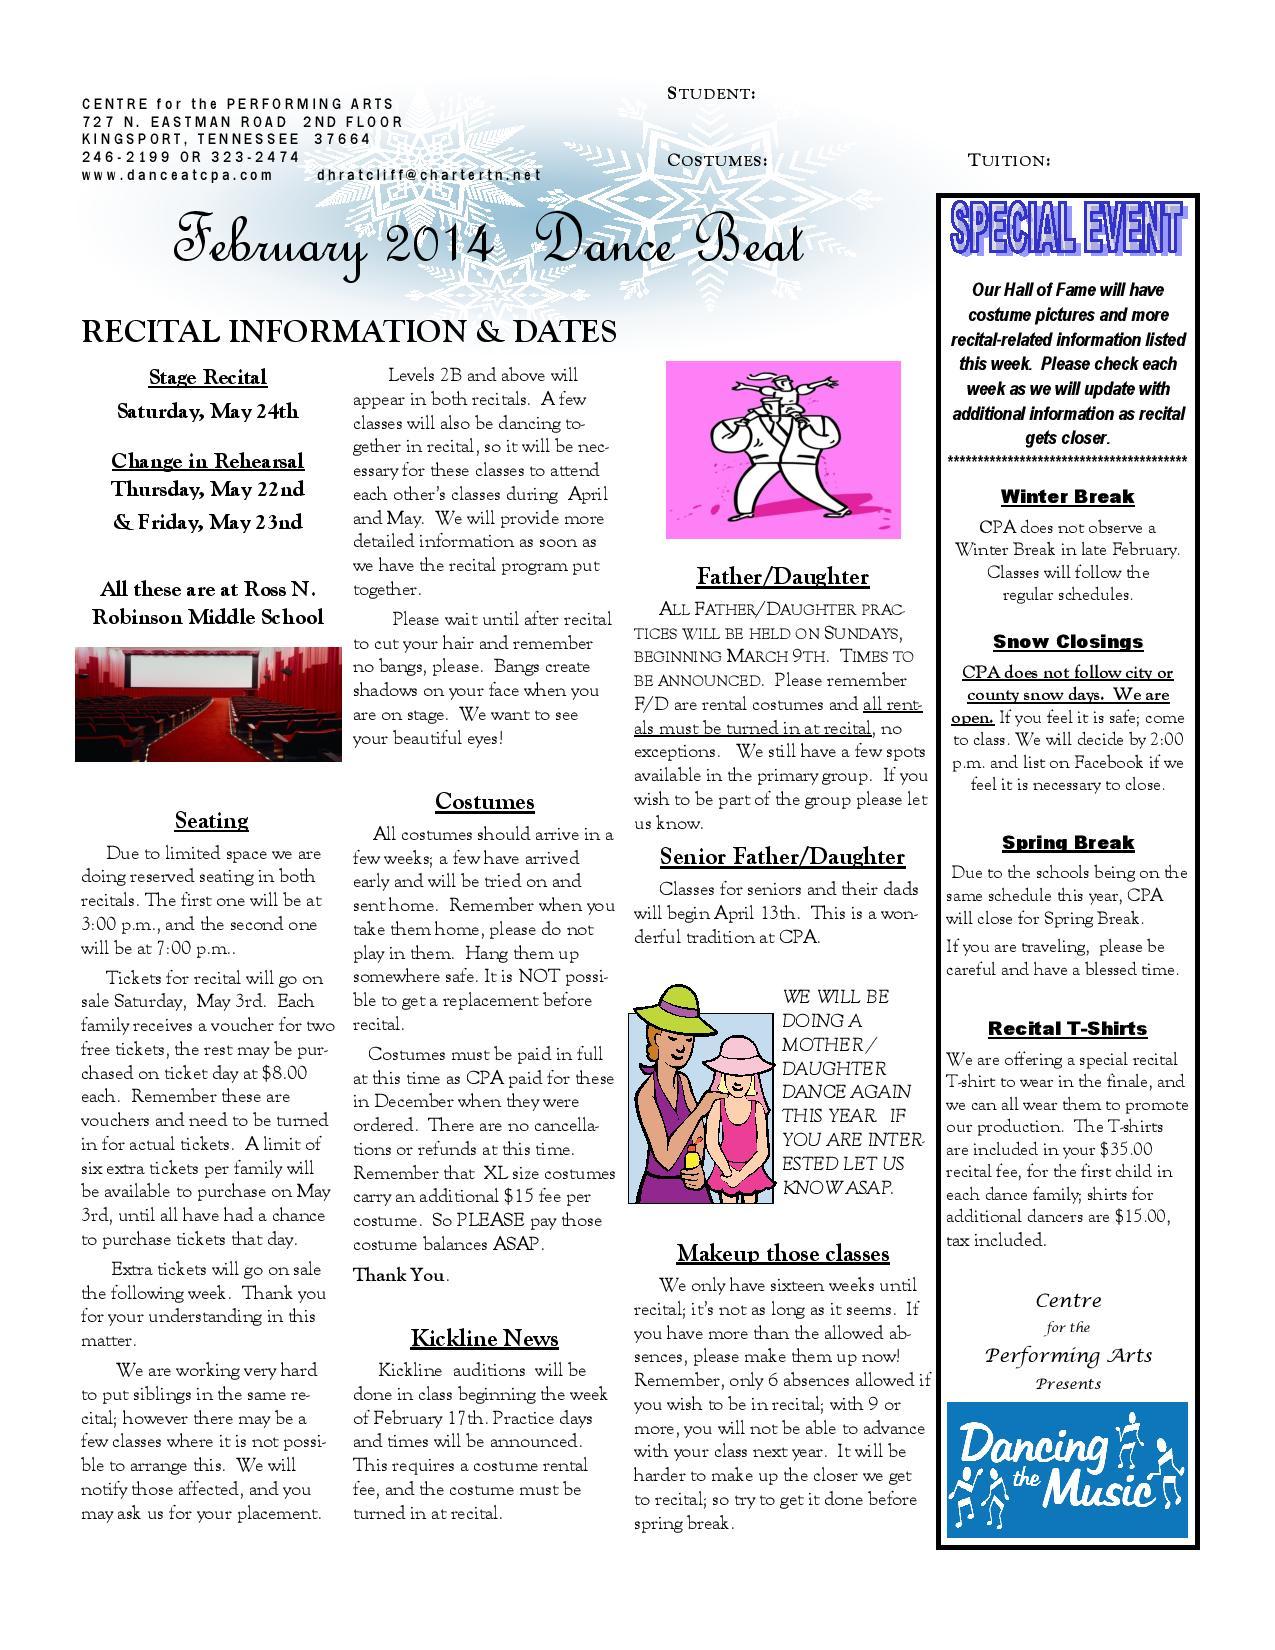 February 2014 dancebeat